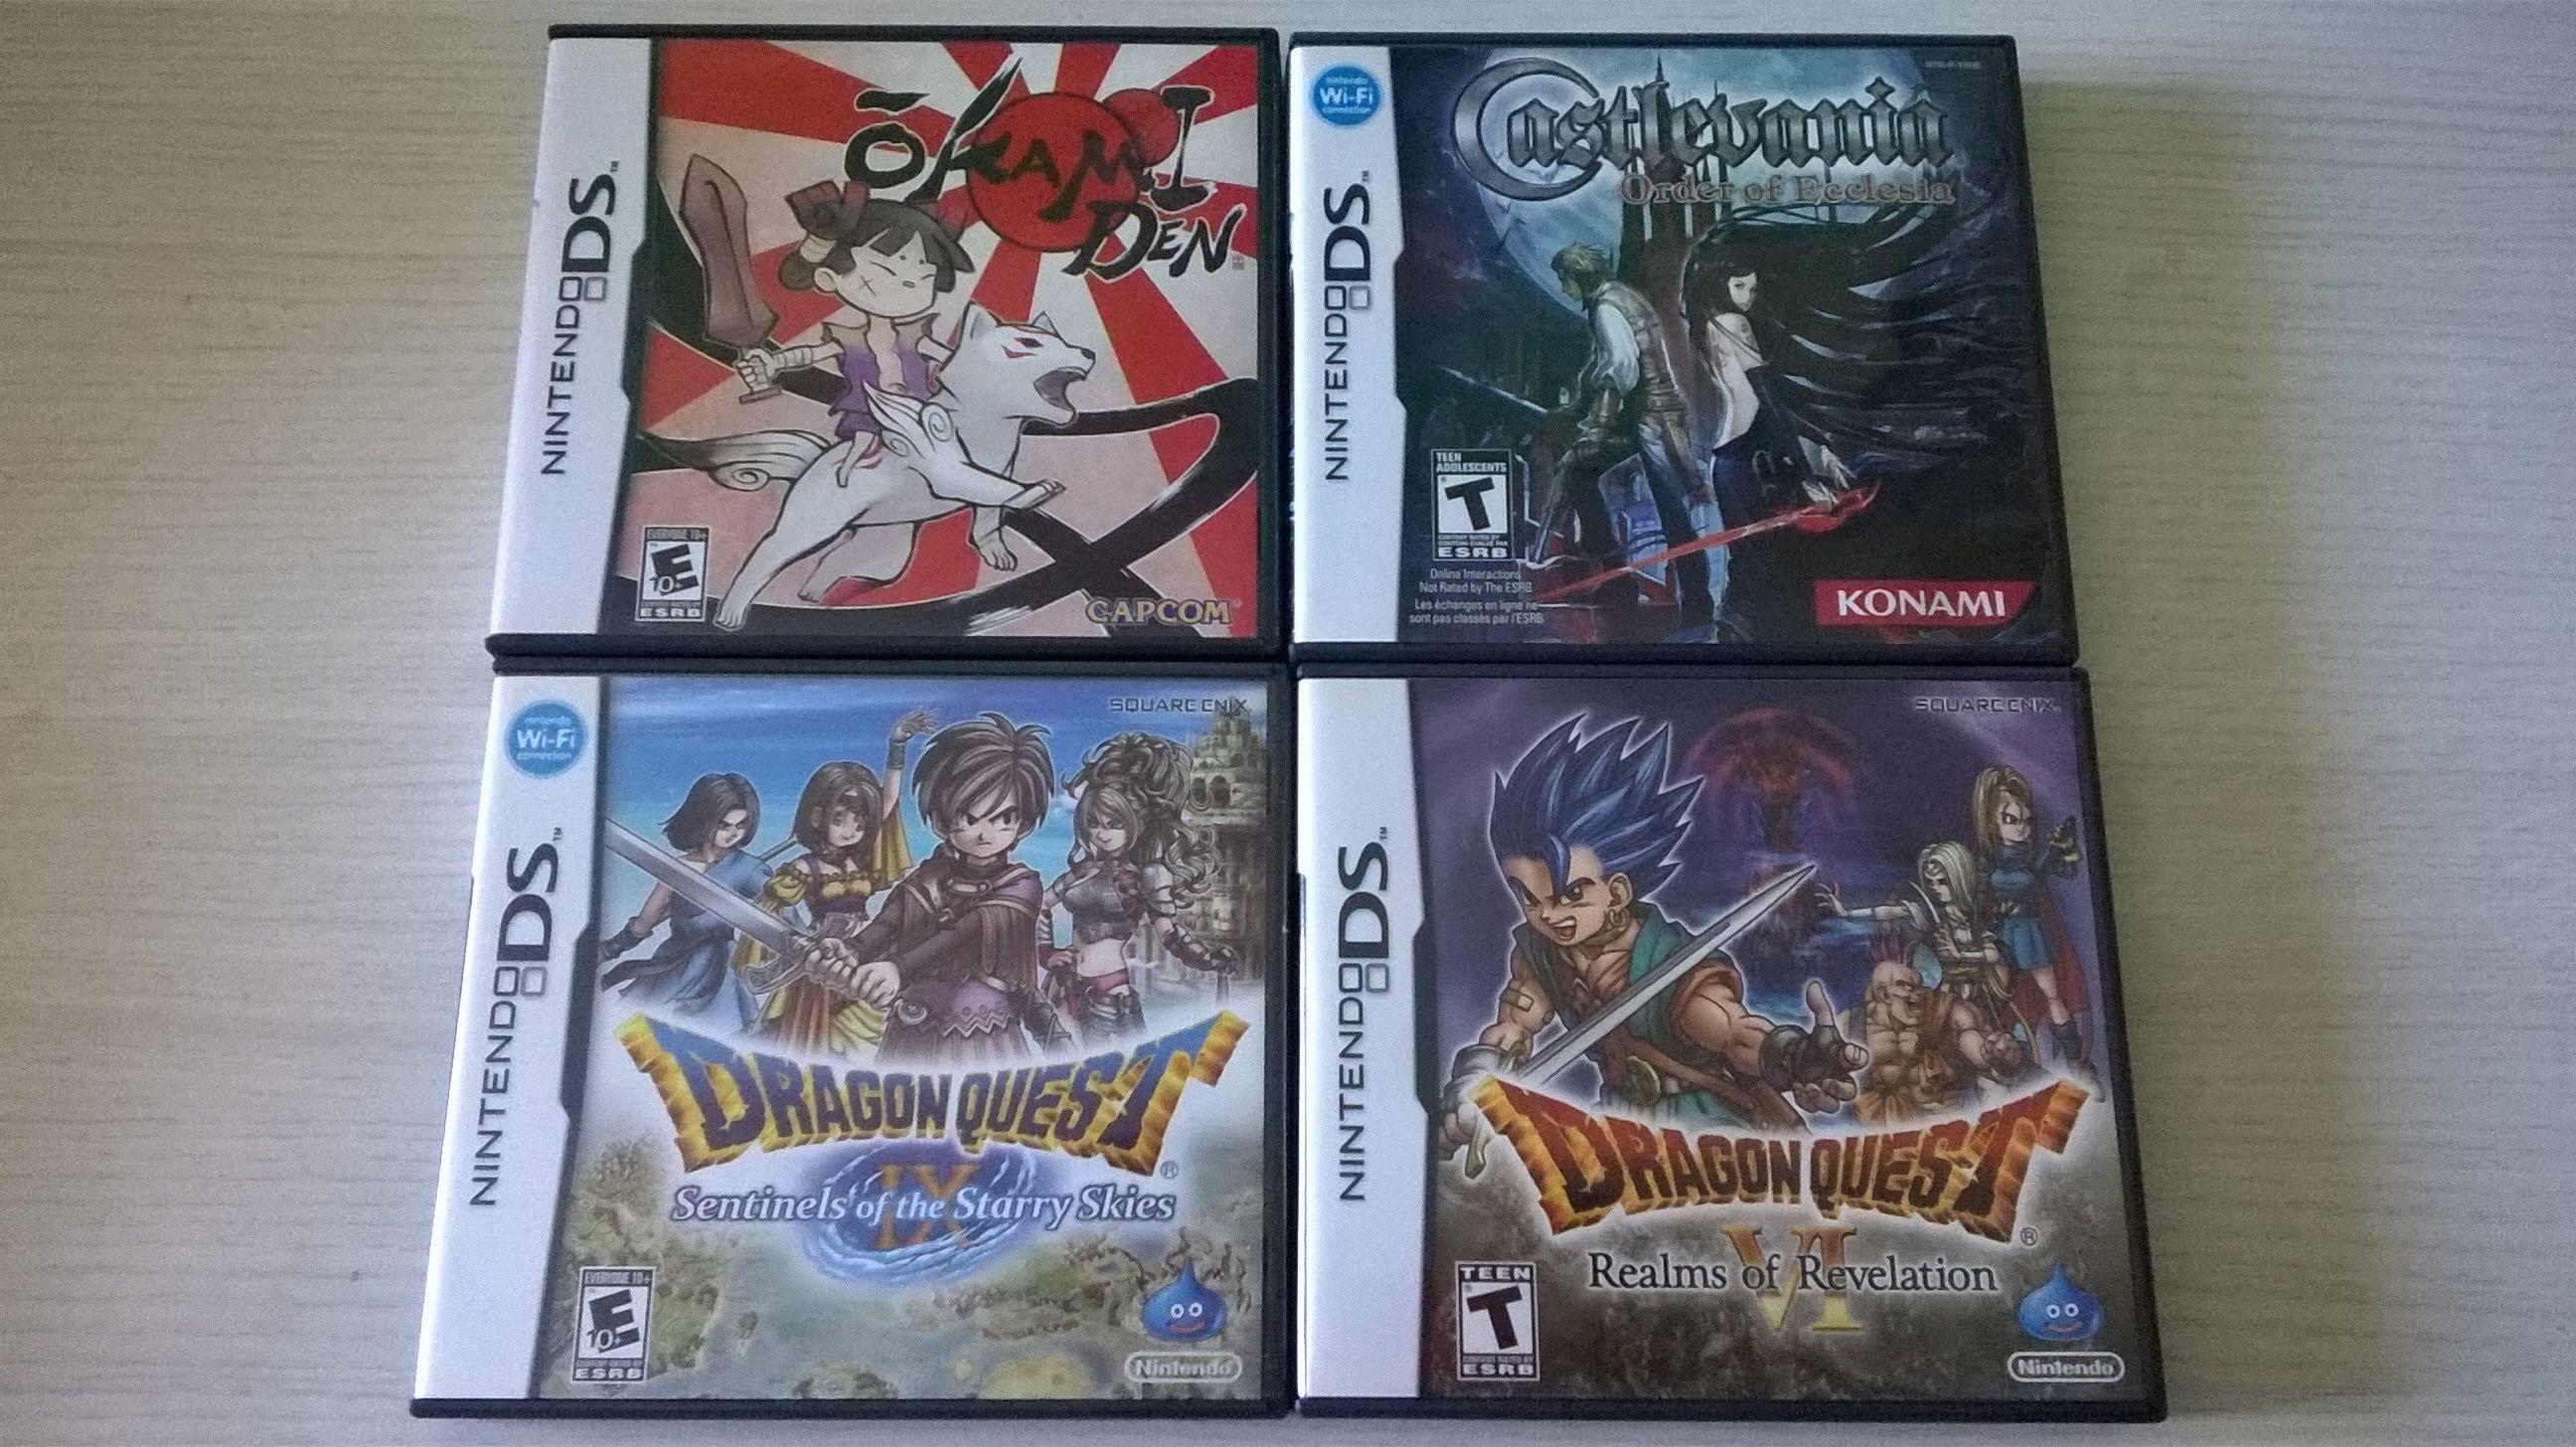 Vendo jogos DS e 3DS, CDs de OSTs (+Dragon Quest, + Castlevania, e outros) Db2eb37d0b9c2c3256fde5865d288448